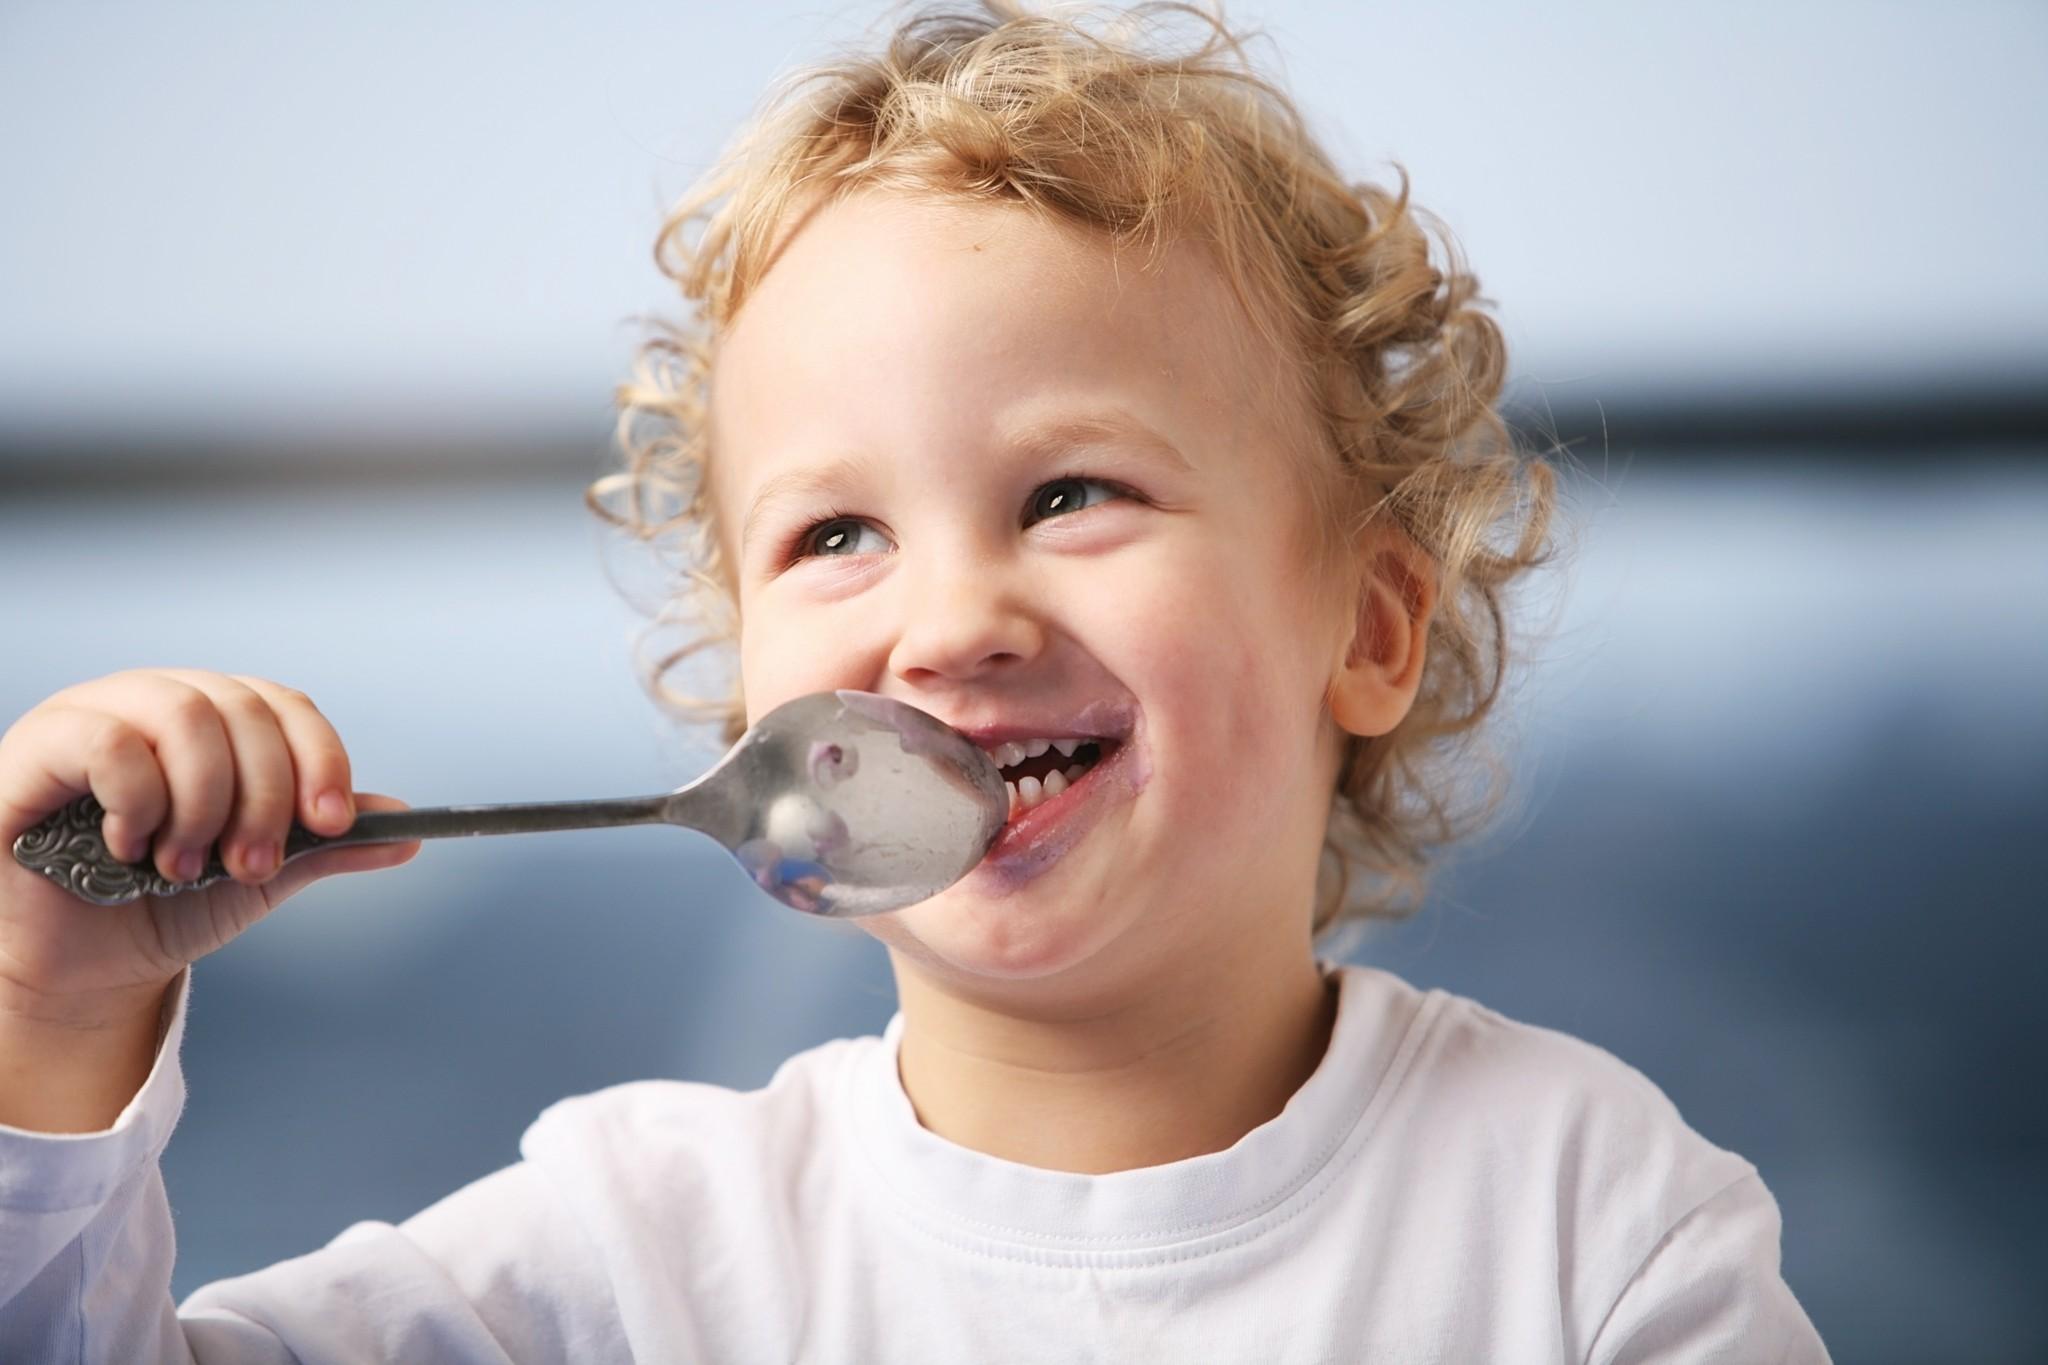 A glutén és a tej nem ellenség, de kisbabád egészsége múlik azon, hogy mit teszel a tányérjára